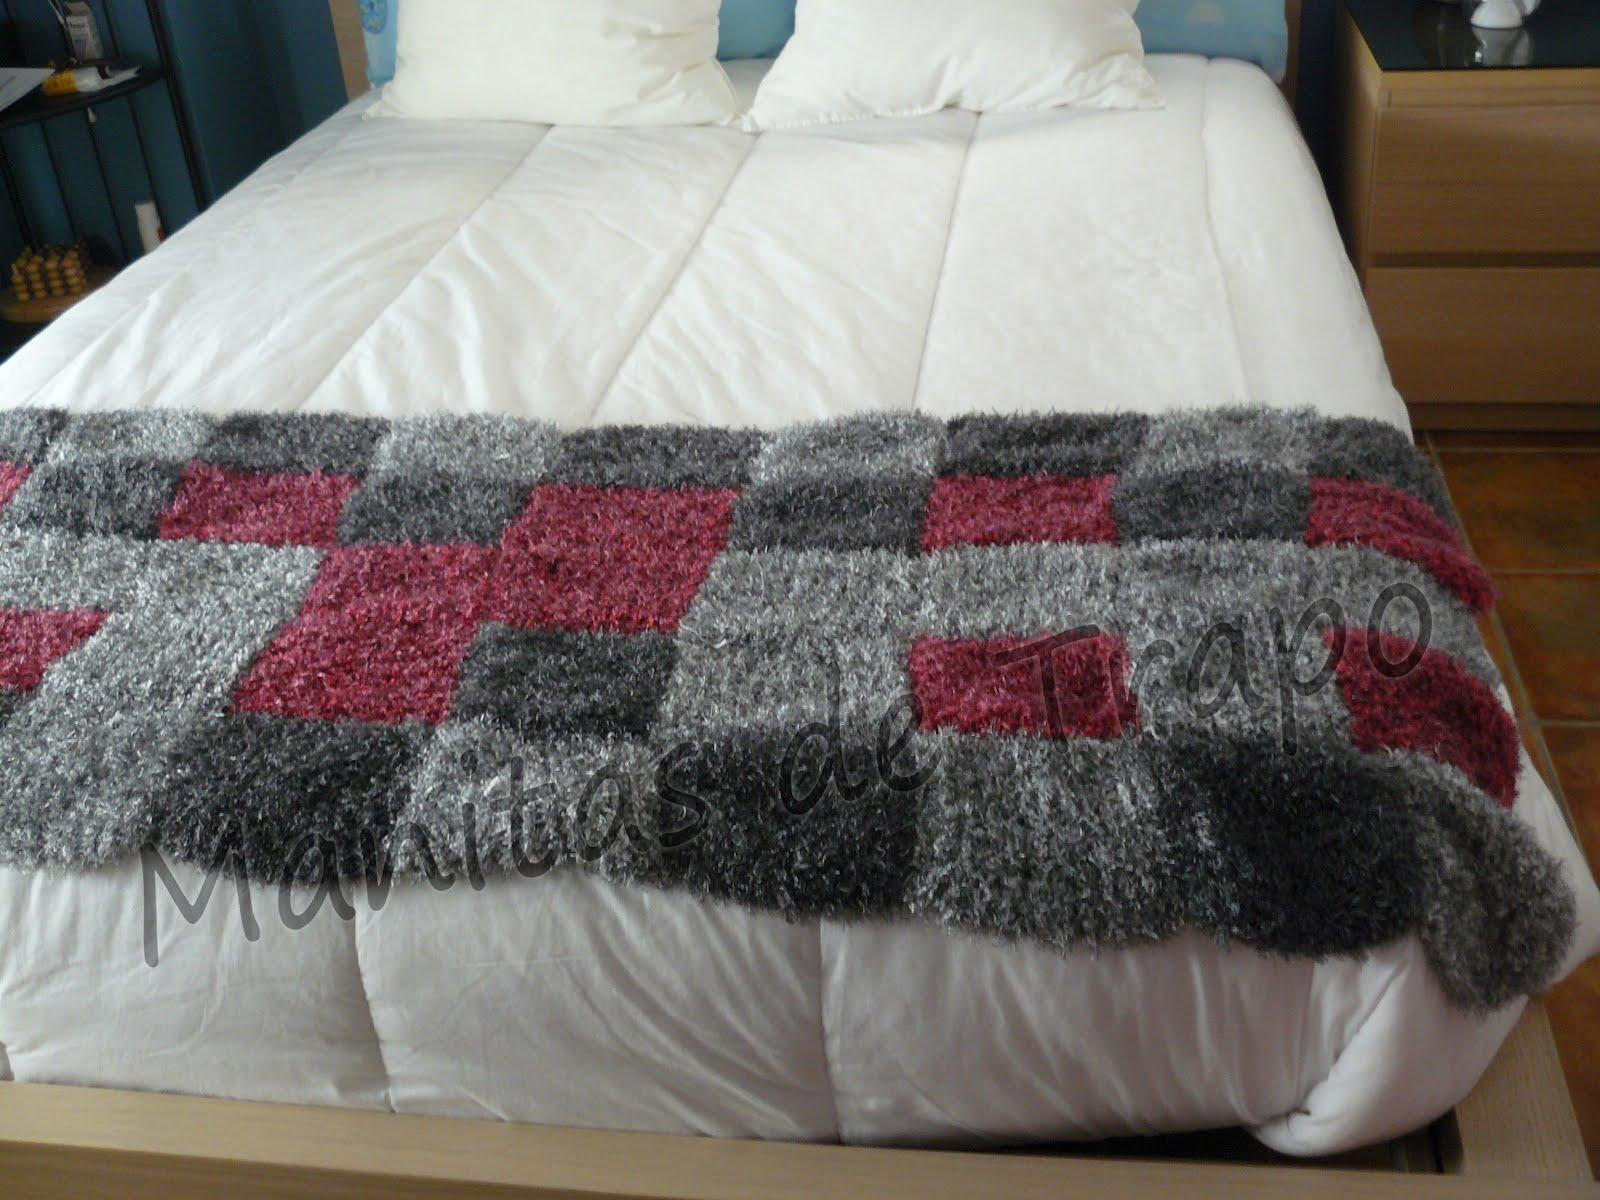 Manitas de trapo manta cubrepi s for Cubrepies de cama